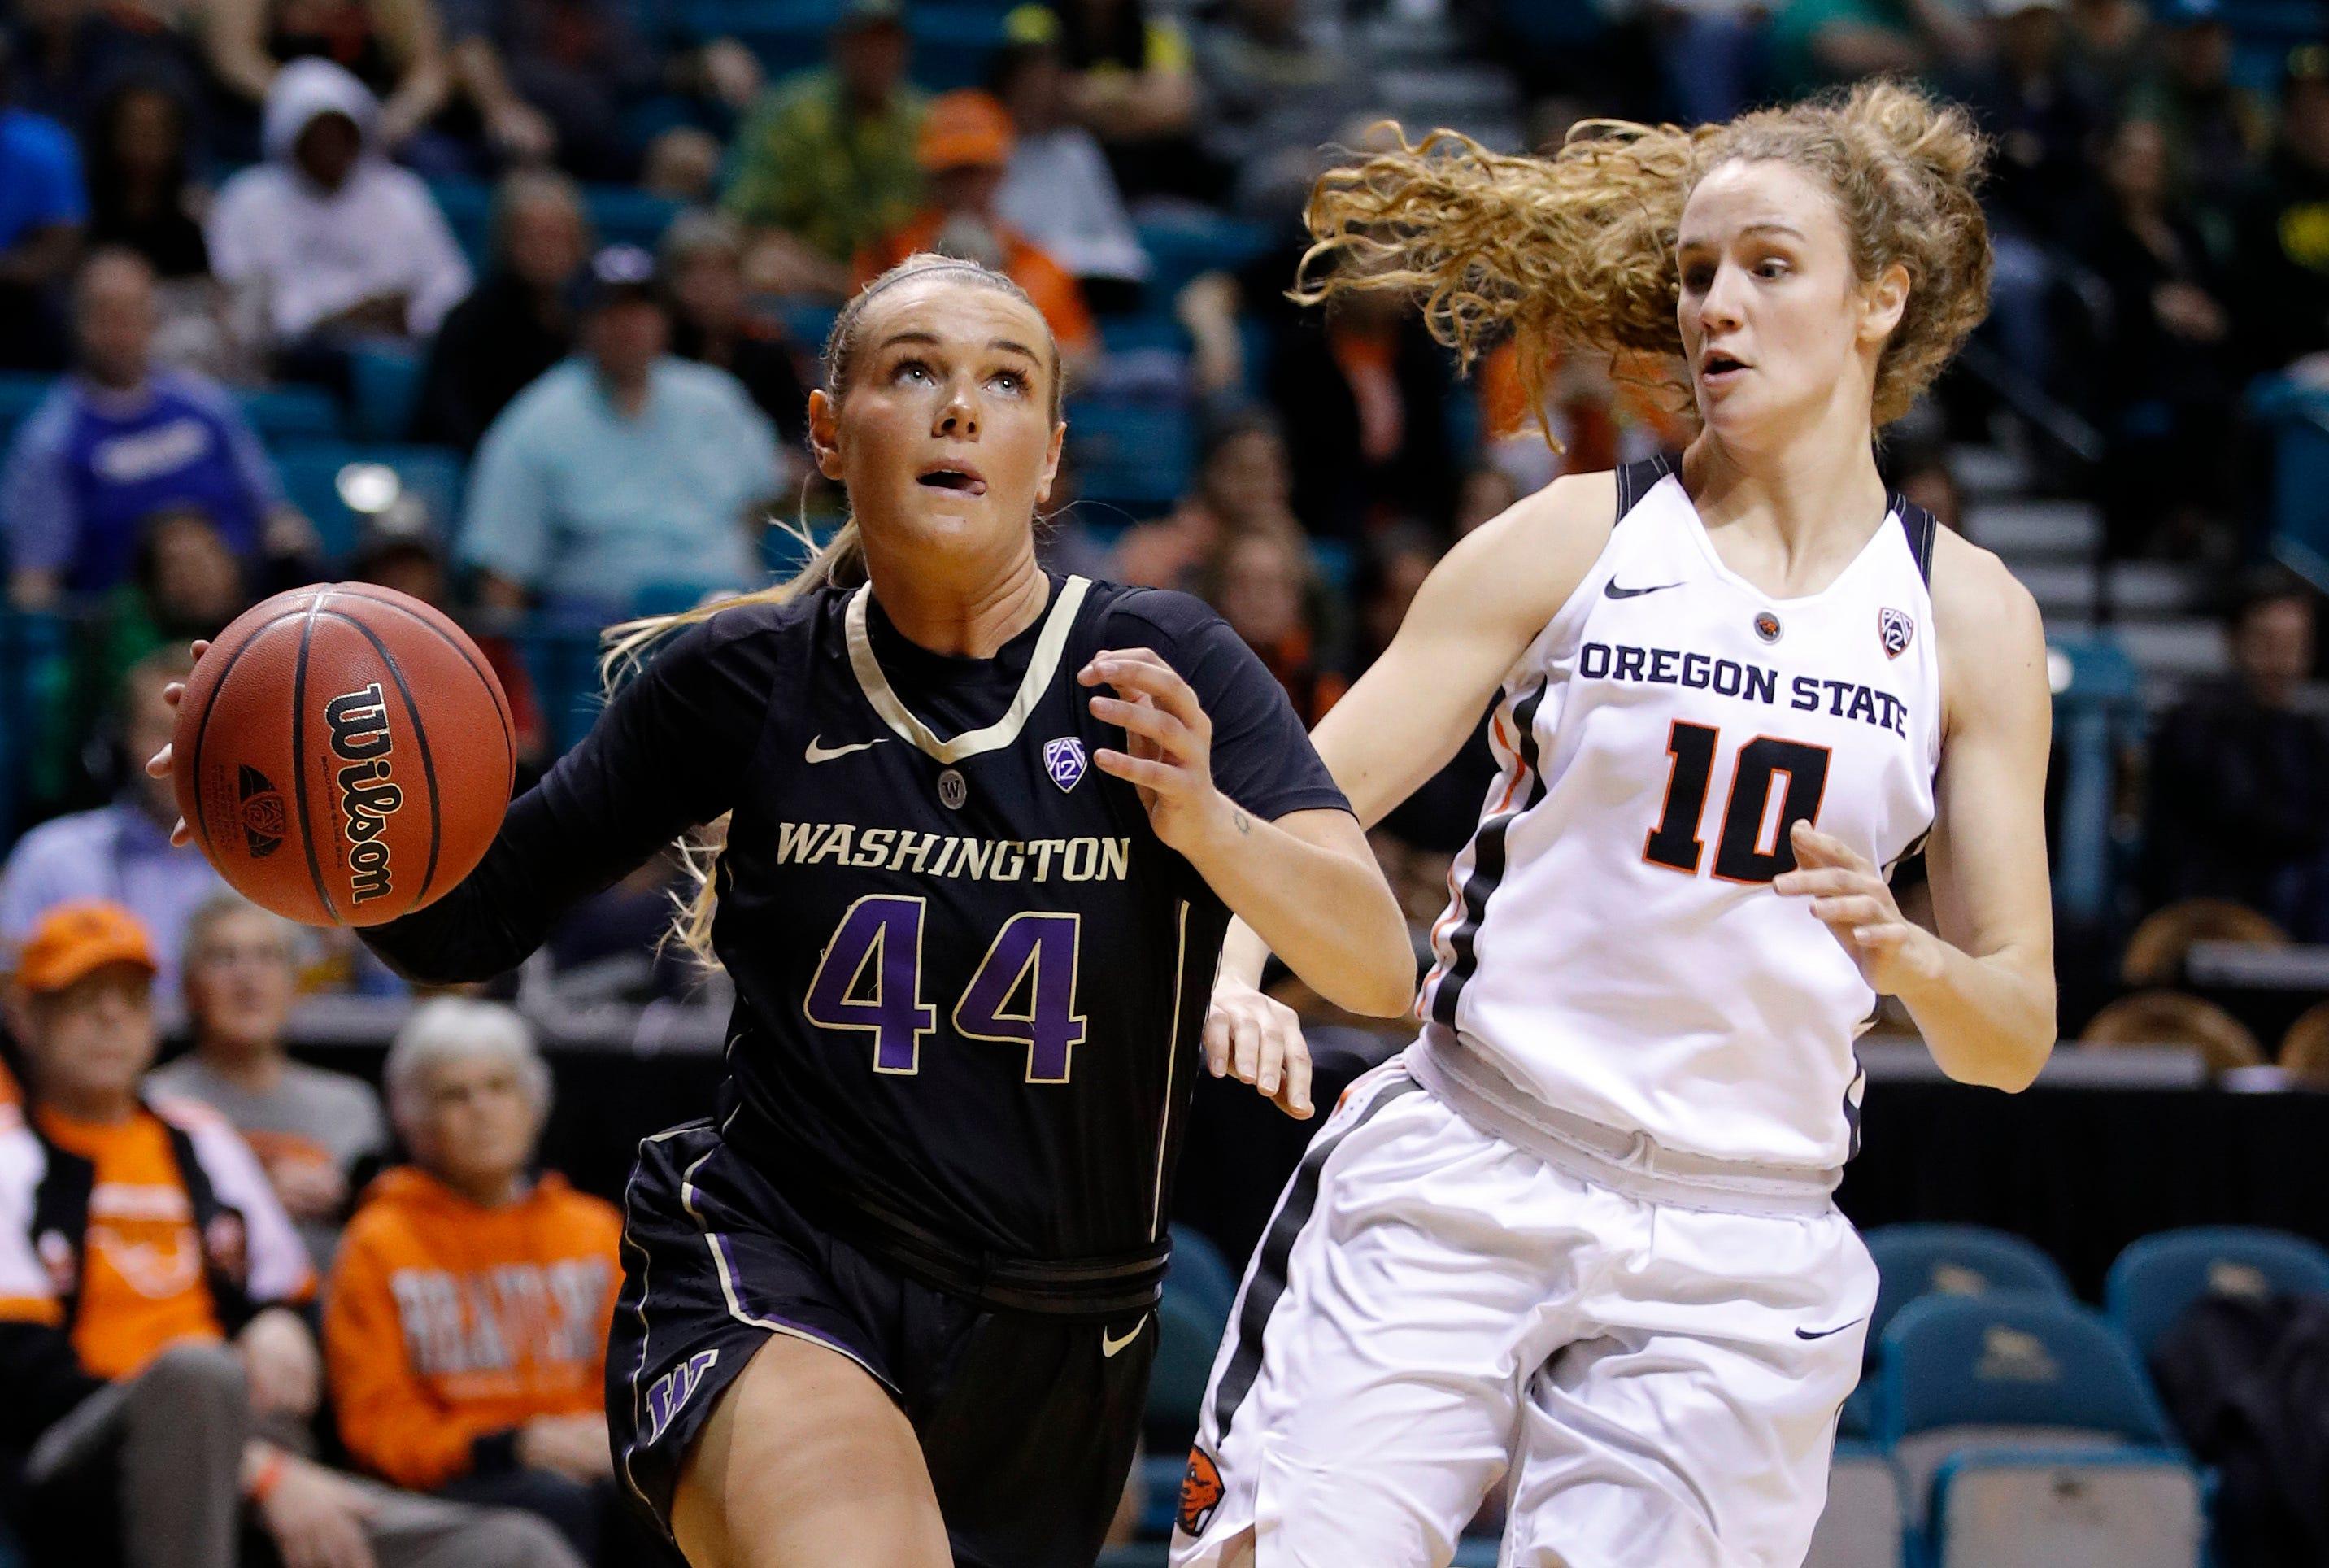 Peterson's 3 helps Washington stun No. 11 Oregon State